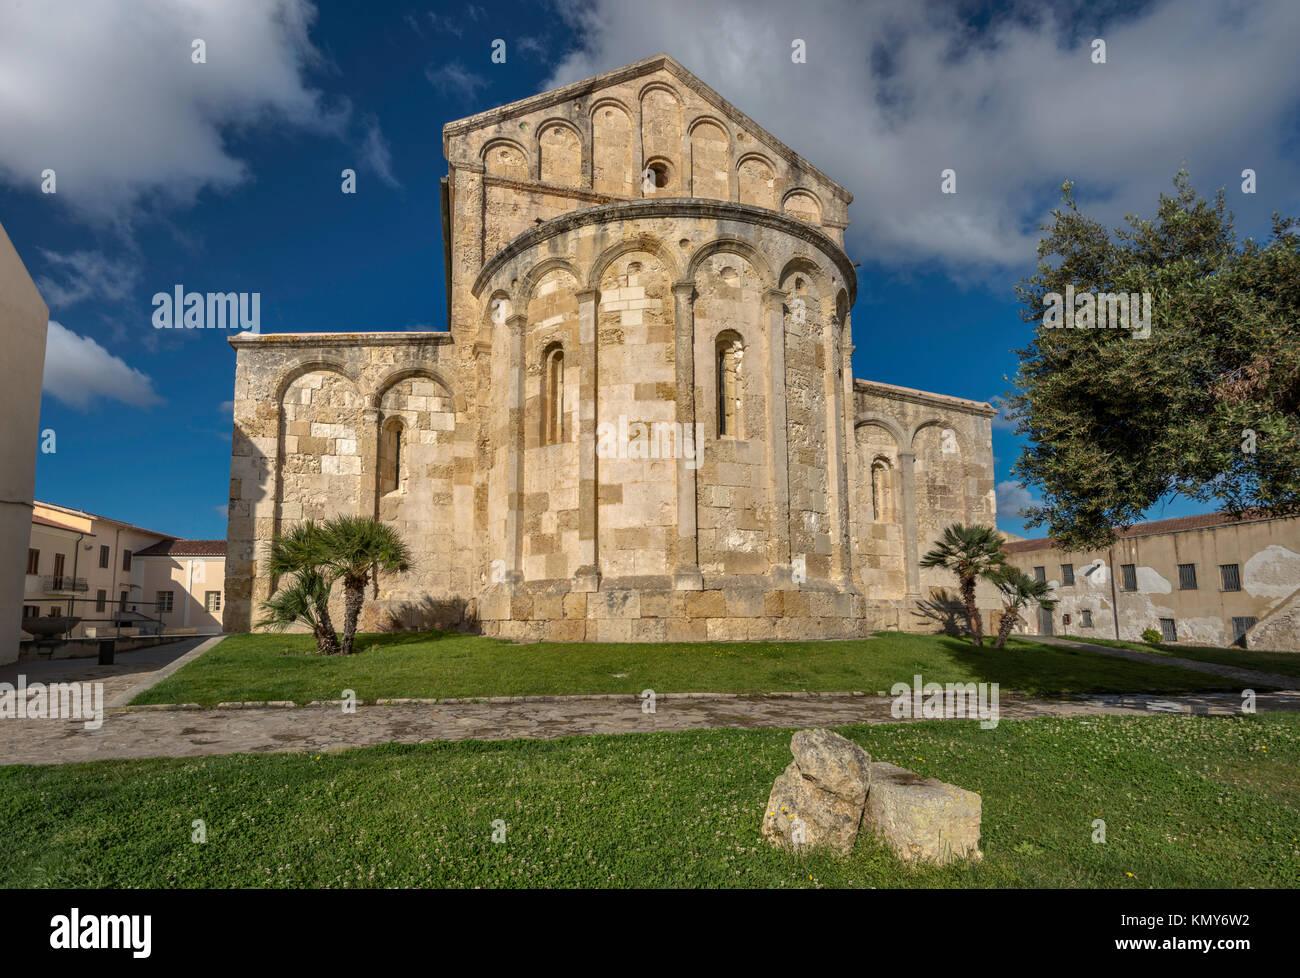 Apse at northeastern end of Basilica Romanica di San Gavino, 1080, Romanesque style church in Porto Torres, Sassari - Stock Image